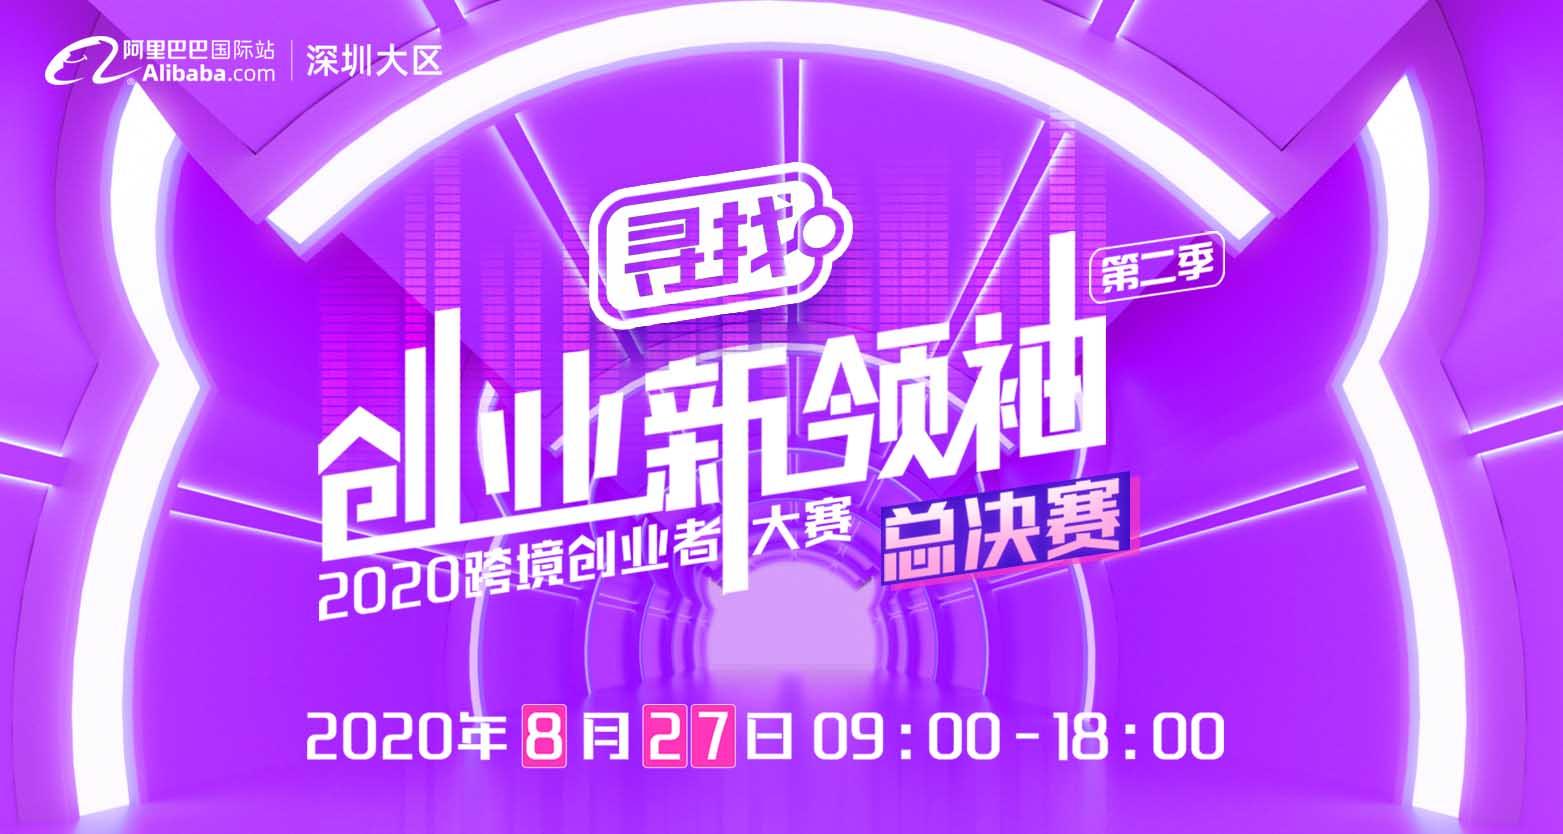 2020跨境创业者大赛深圳大区-总决赛